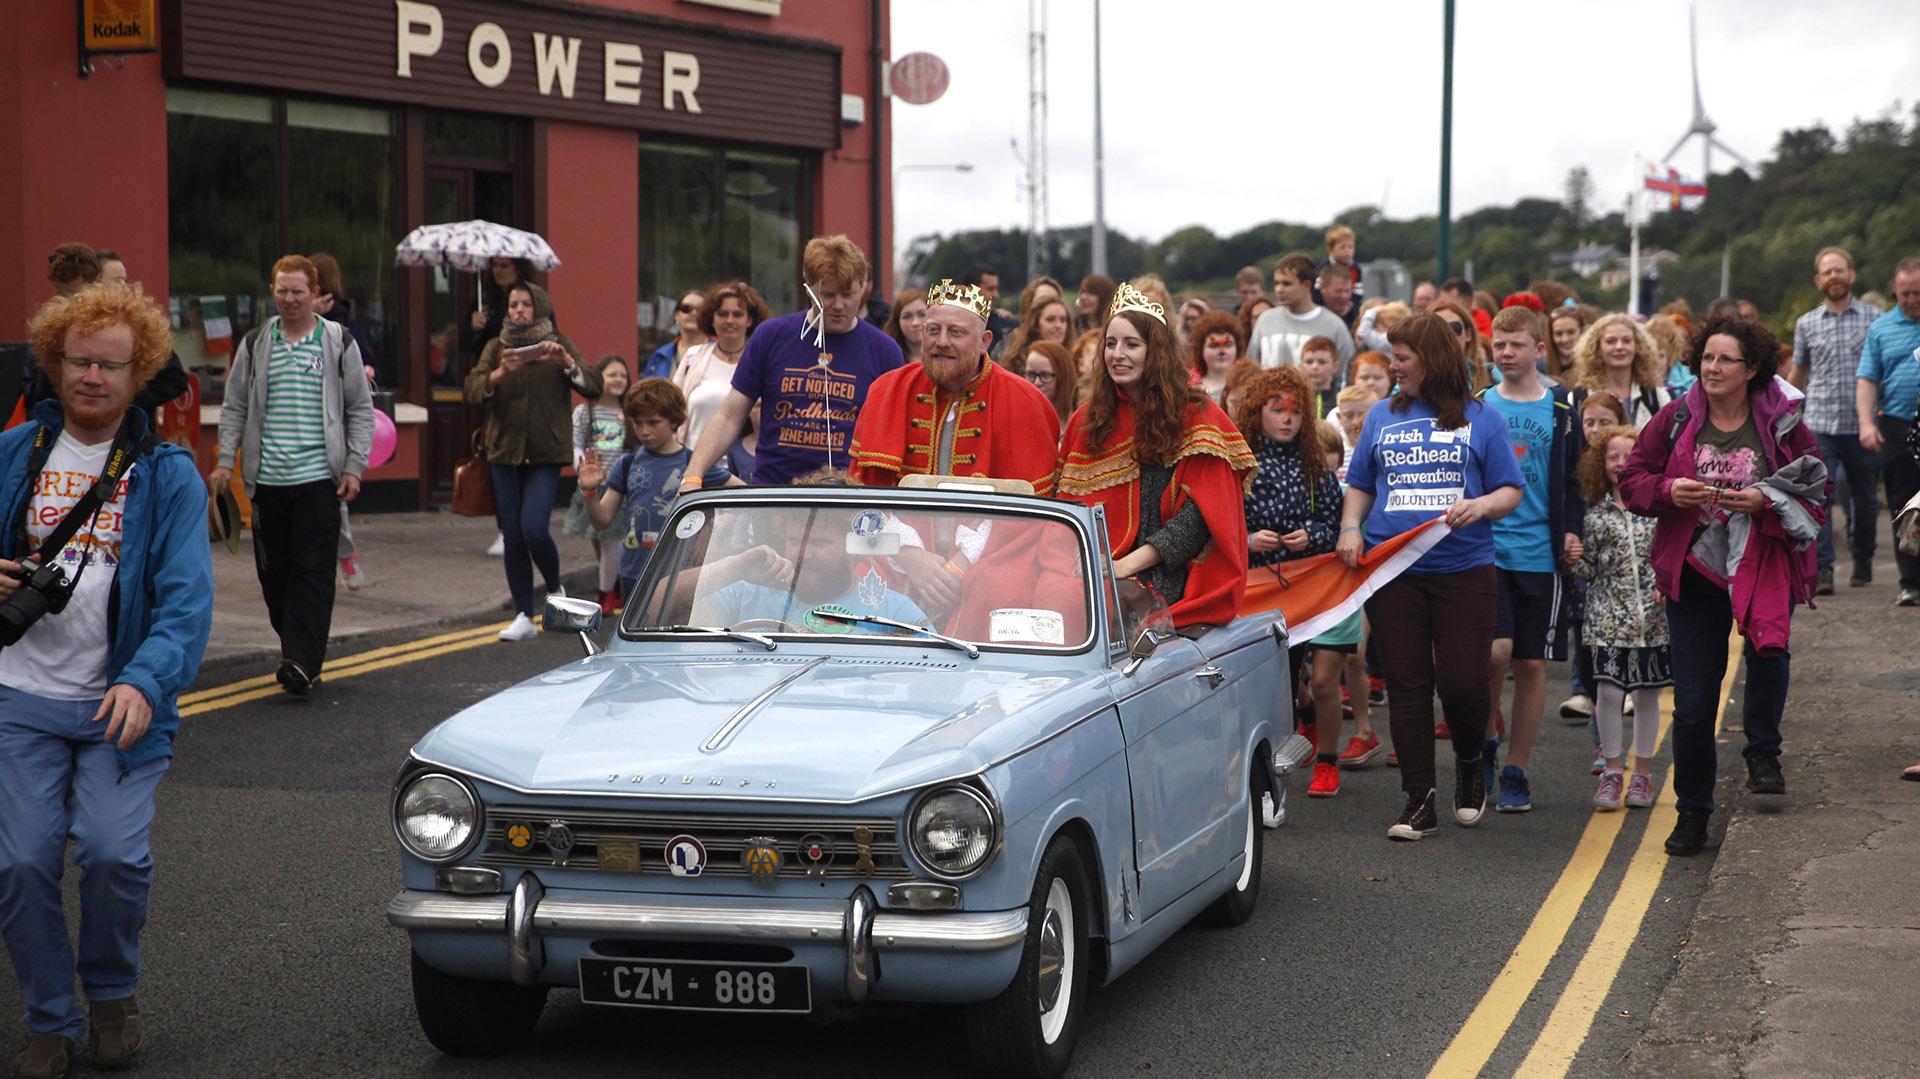 Emma Ni Chearuil and Alan O' Neill, elegidos como los nuevos reyes pelirrojos en la VII Convención Pelirroja Irlandesa, pasean por las calles de Crosshaven, en Irlanda (Peter Morrison/AP)